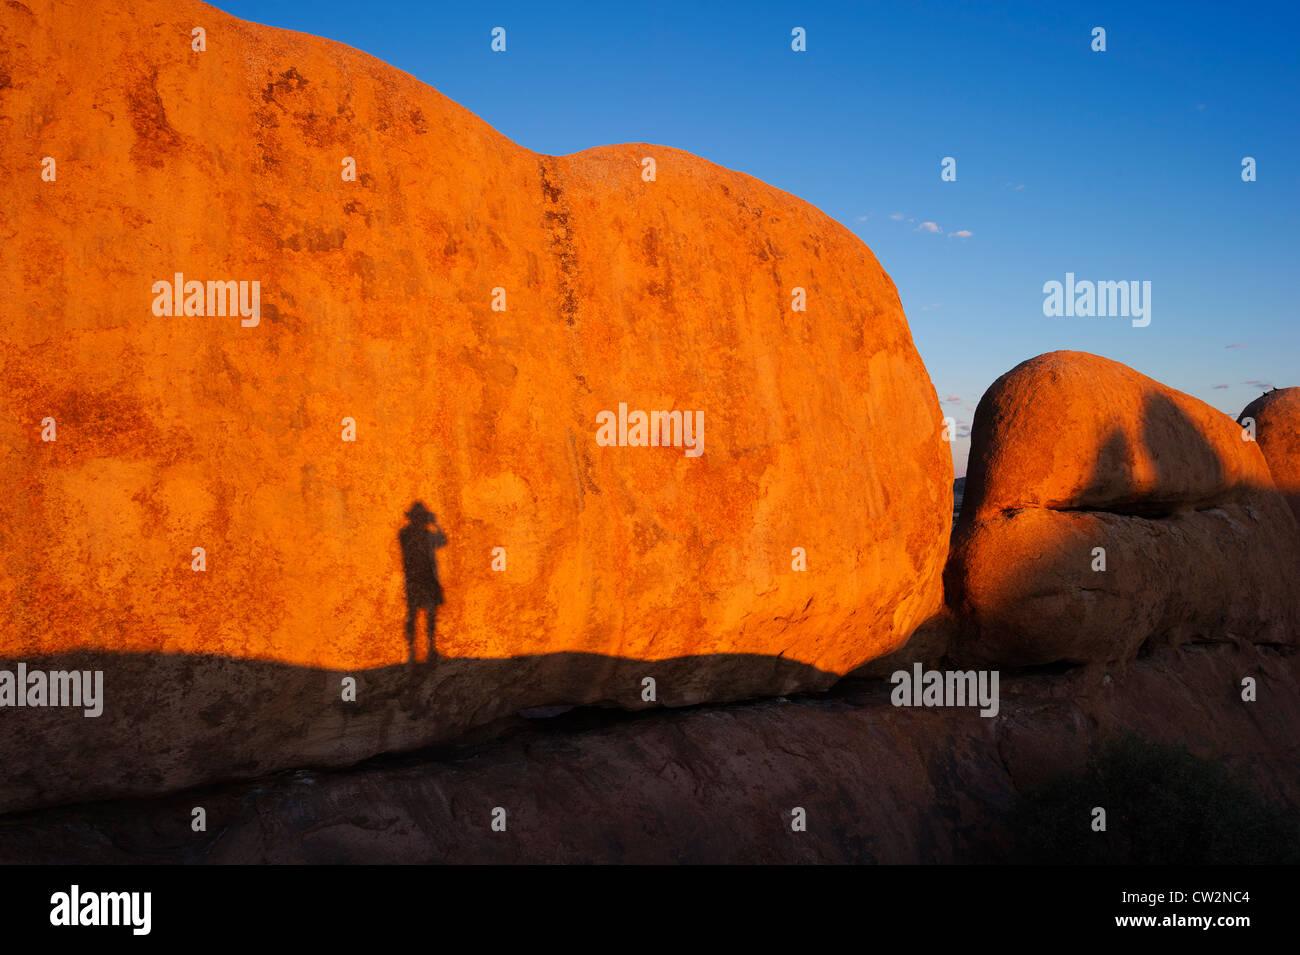 Ombre d'un homme contre l'Spizkoppe rock formation.Désert du Namib en Namibie. Photo Stock